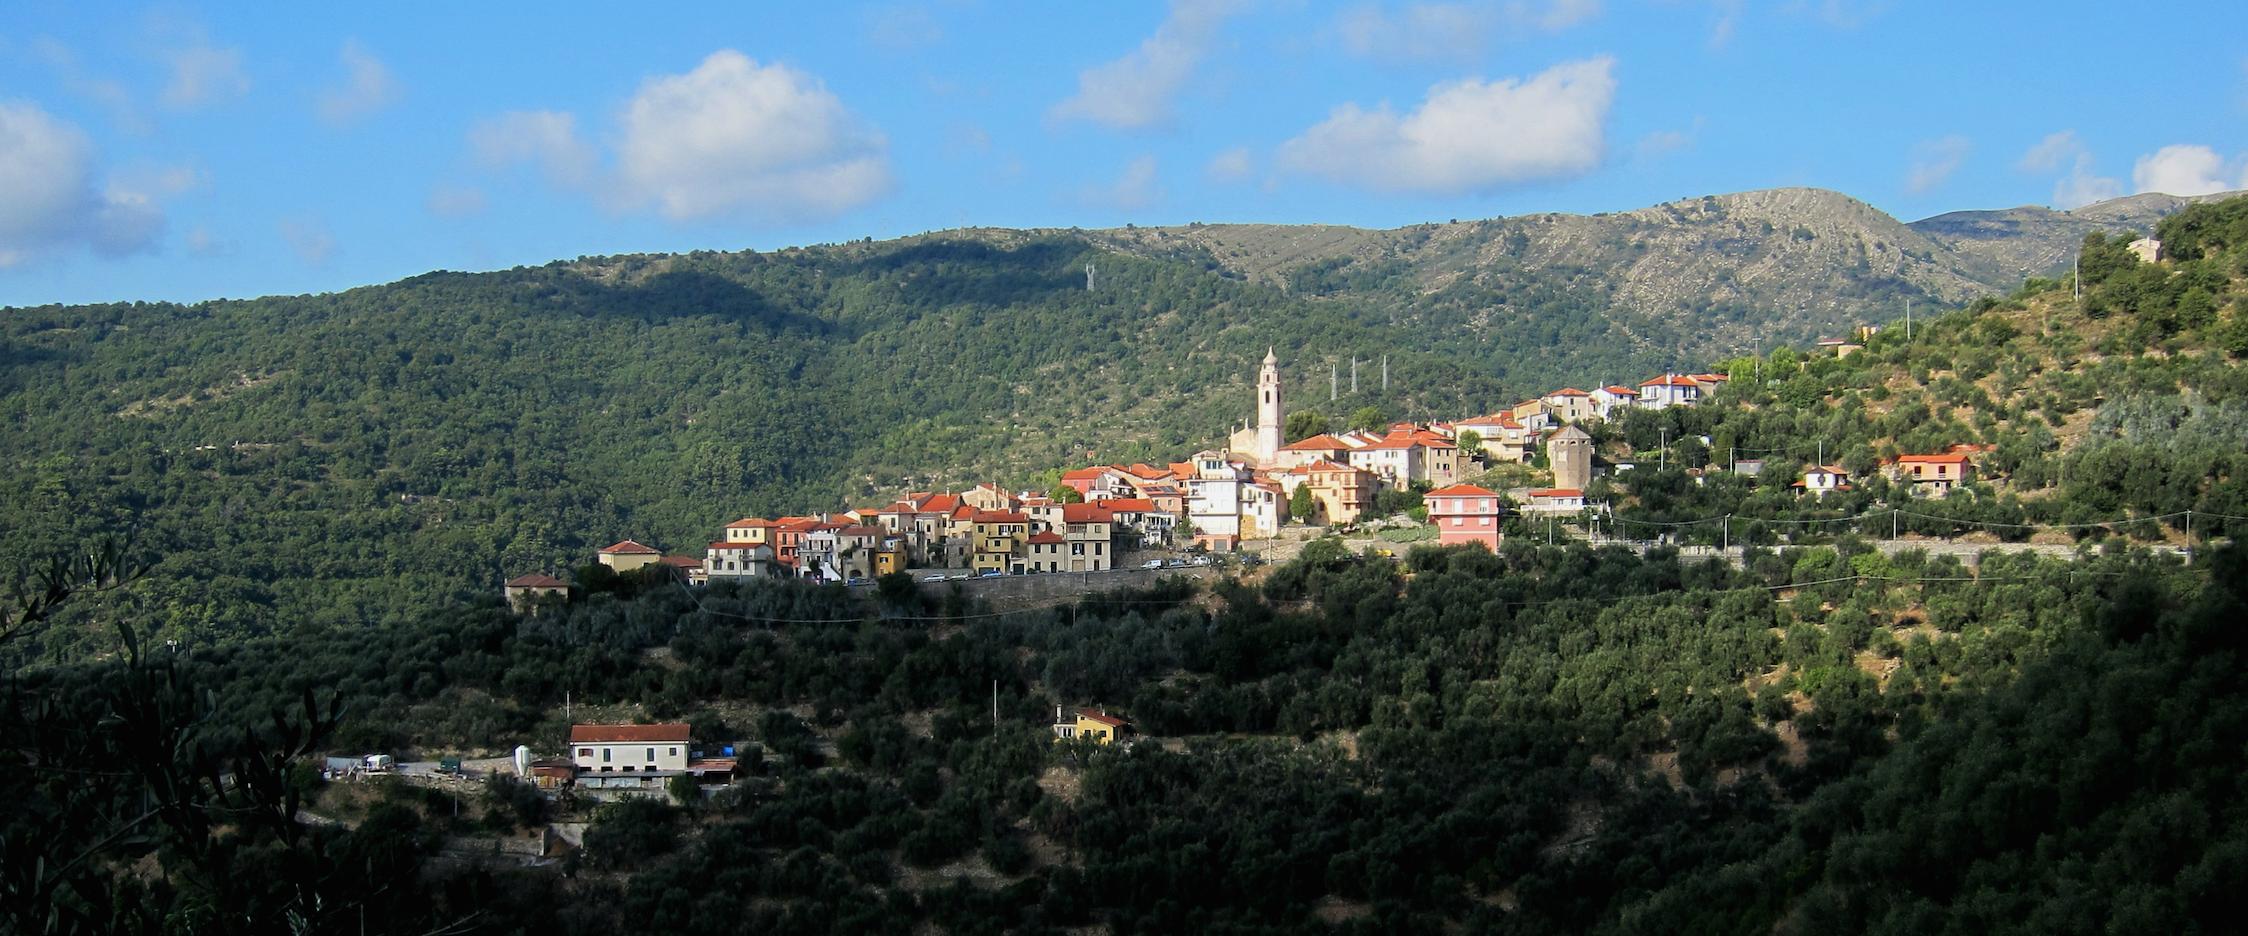 Villa Faraldi - middelhavet foran, Piemonte bak, og omringet av oliventrær